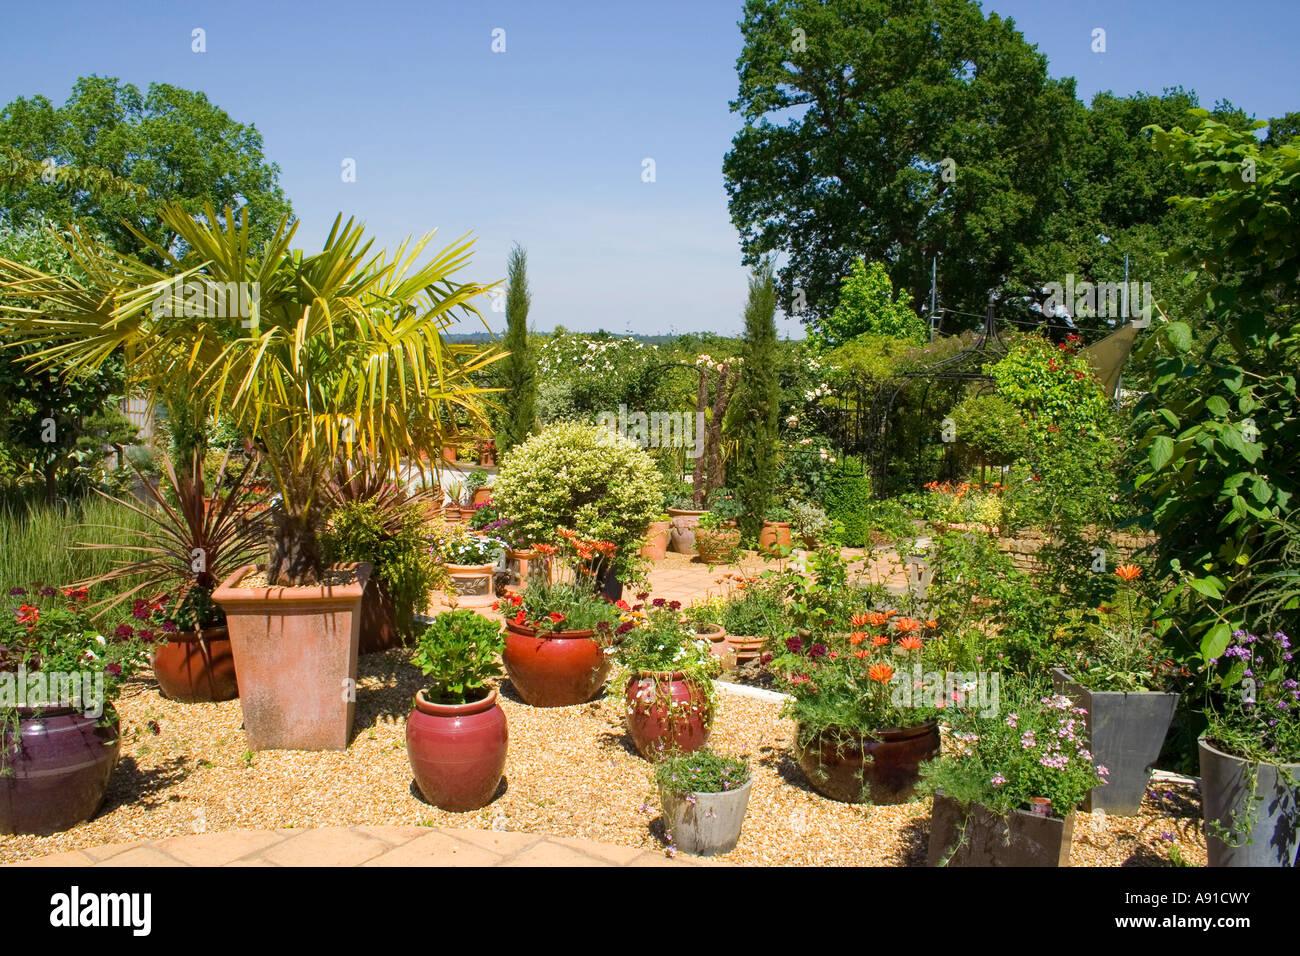 A terraced garden in the sun Stock Photo